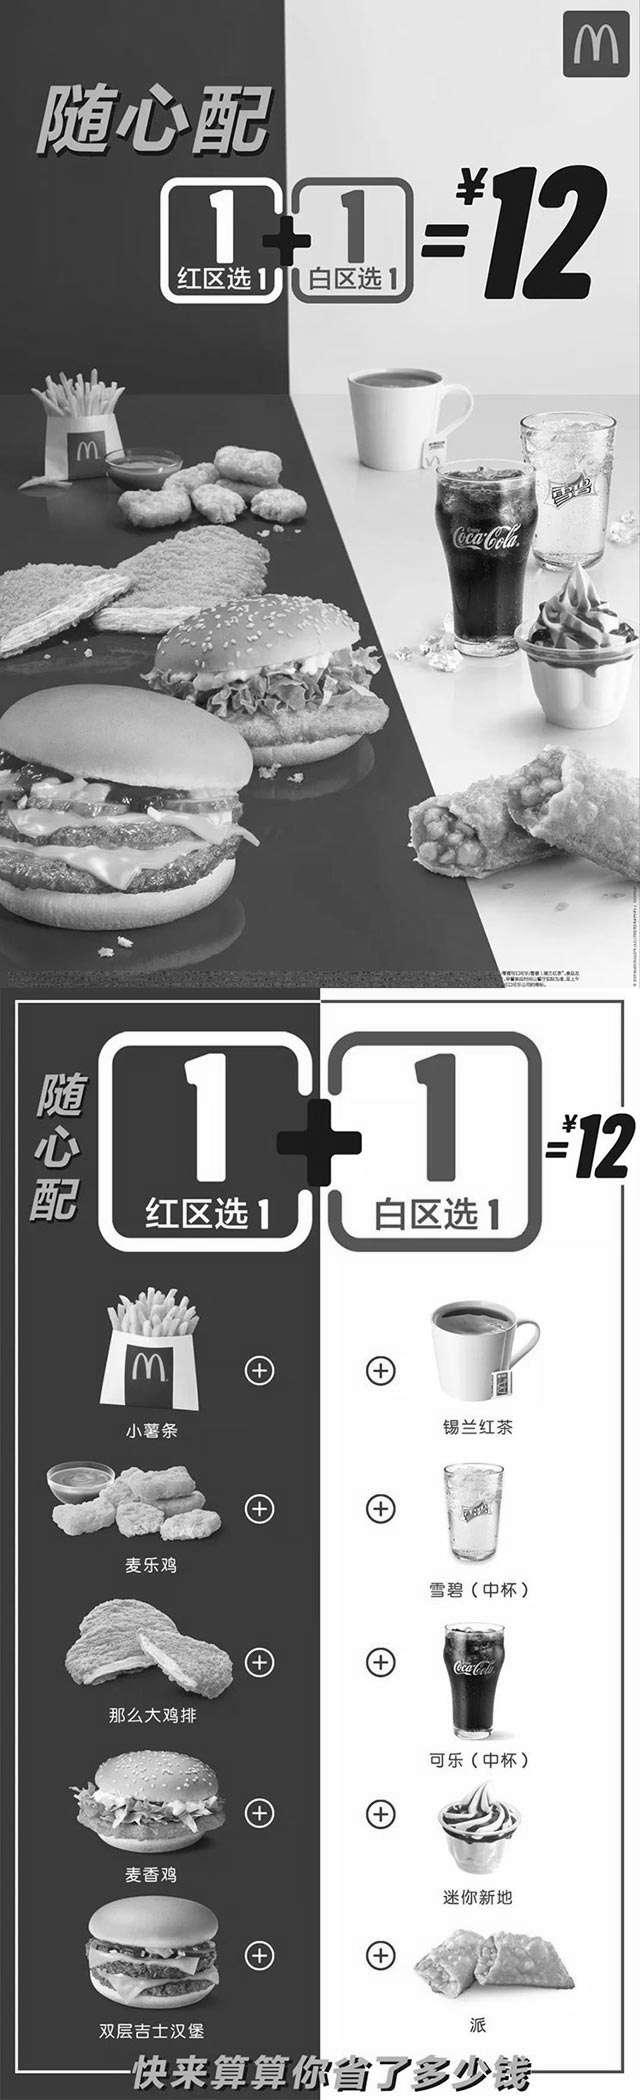 黑白优惠券图片:麦当劳1+1=12元随心配,25种组合,统统12元 - www.5ikfc.com